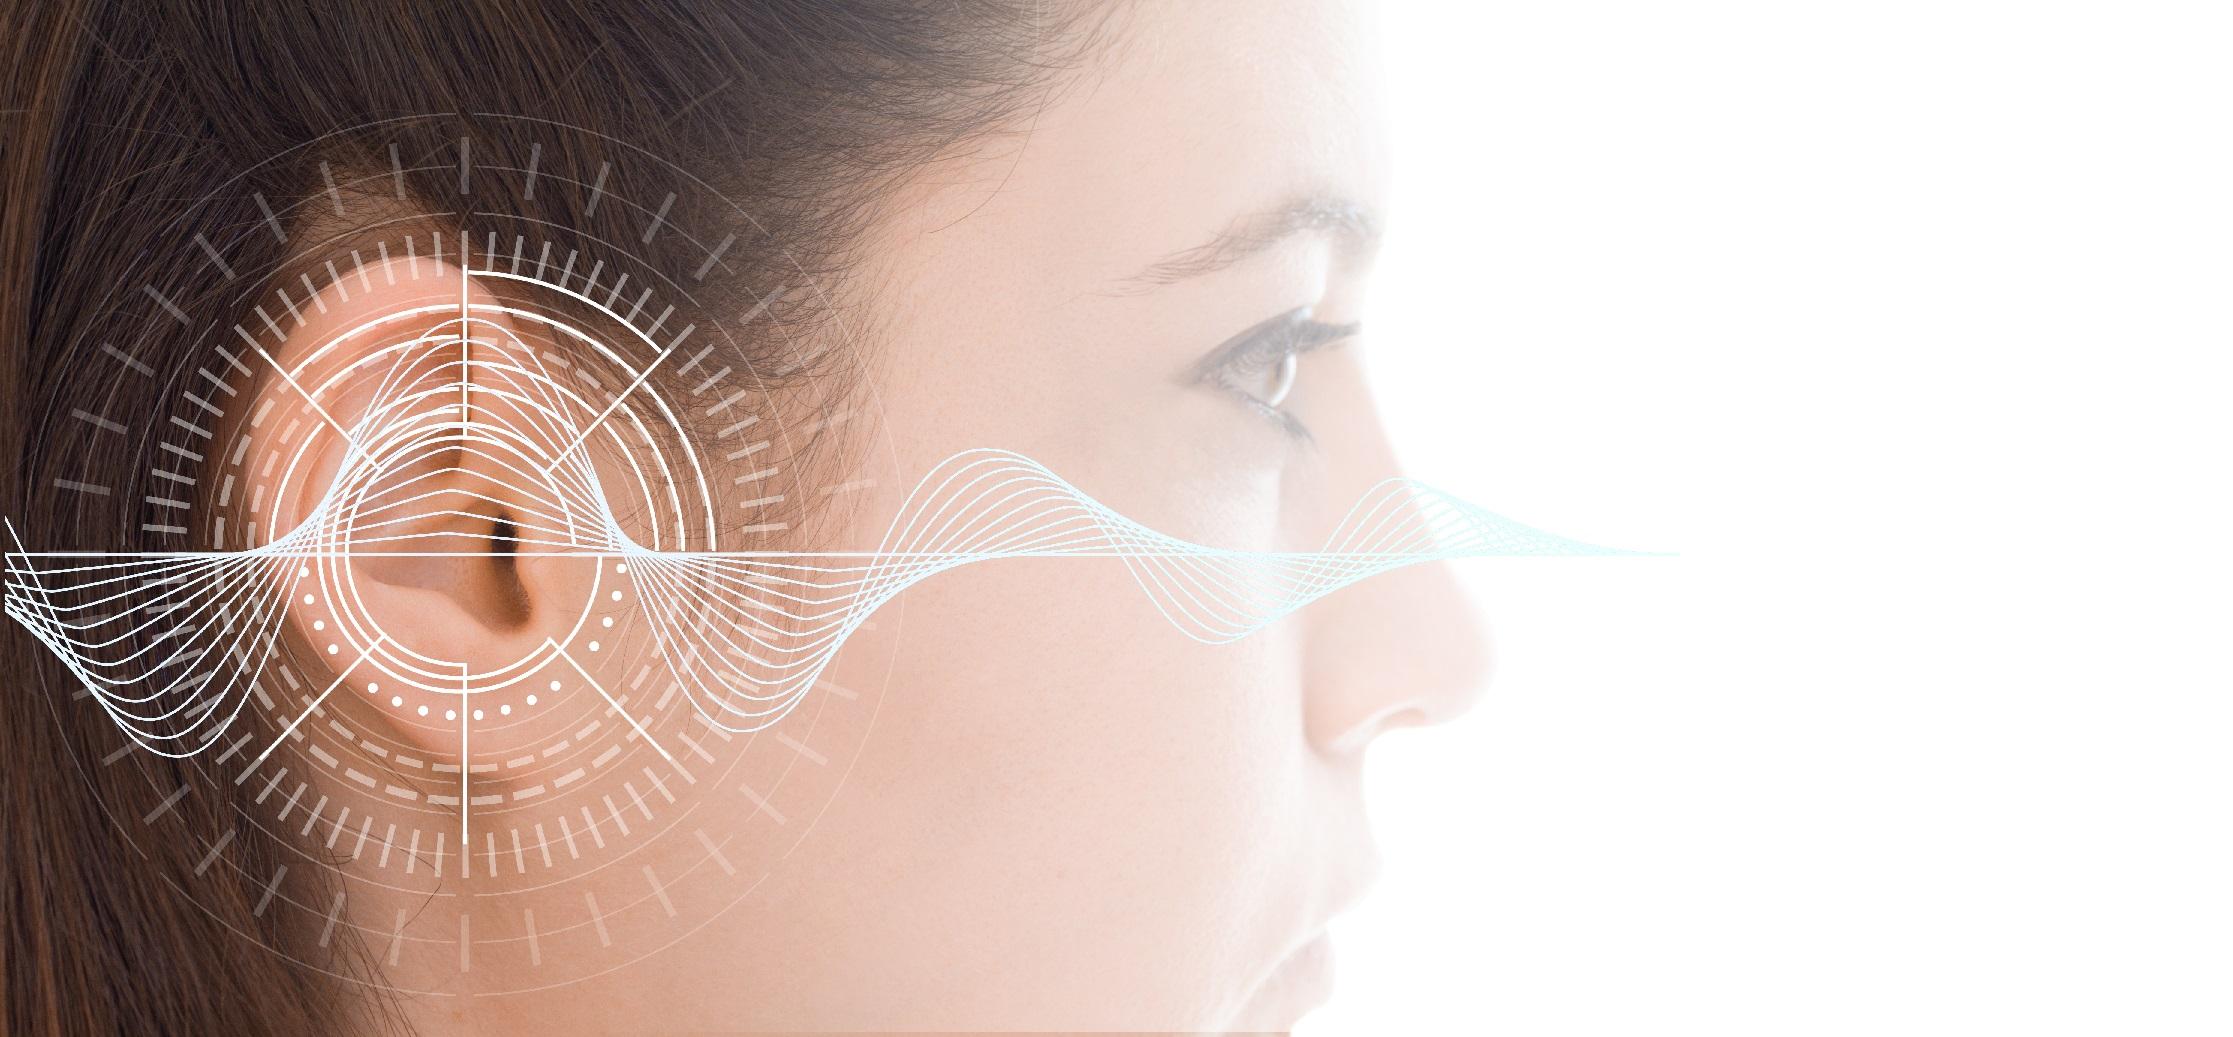 Il s'agit d'un nouvel éthylotest qui mesure le taux d'alcoolémie à travers la peau, et à travers la peau des oreilles (Visuel Adobe Stock 170518761)